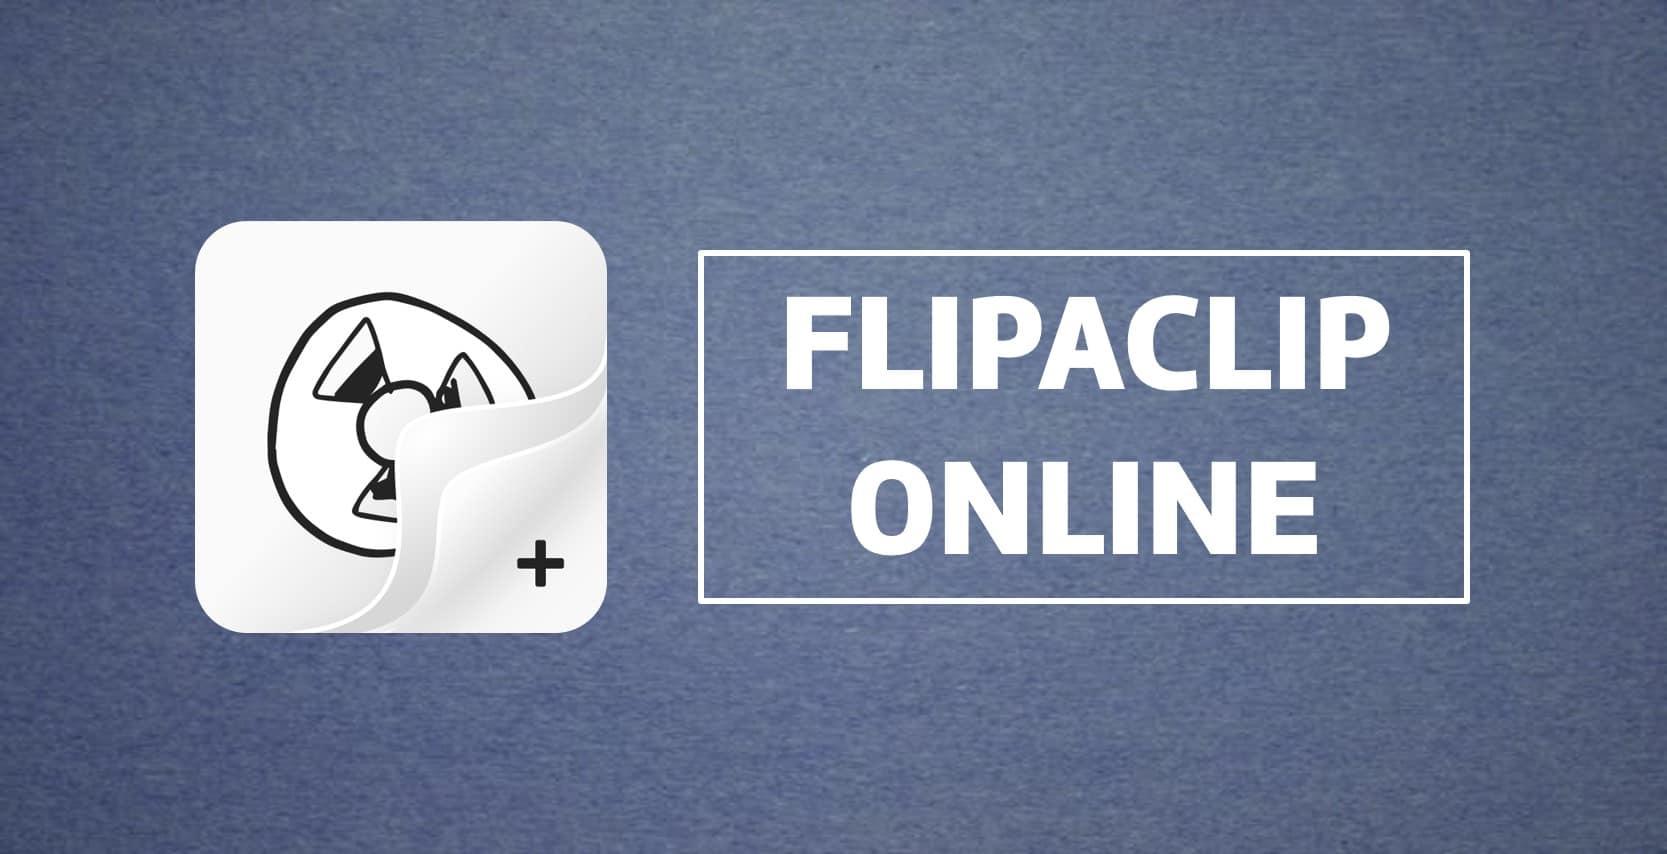 flipaclip online